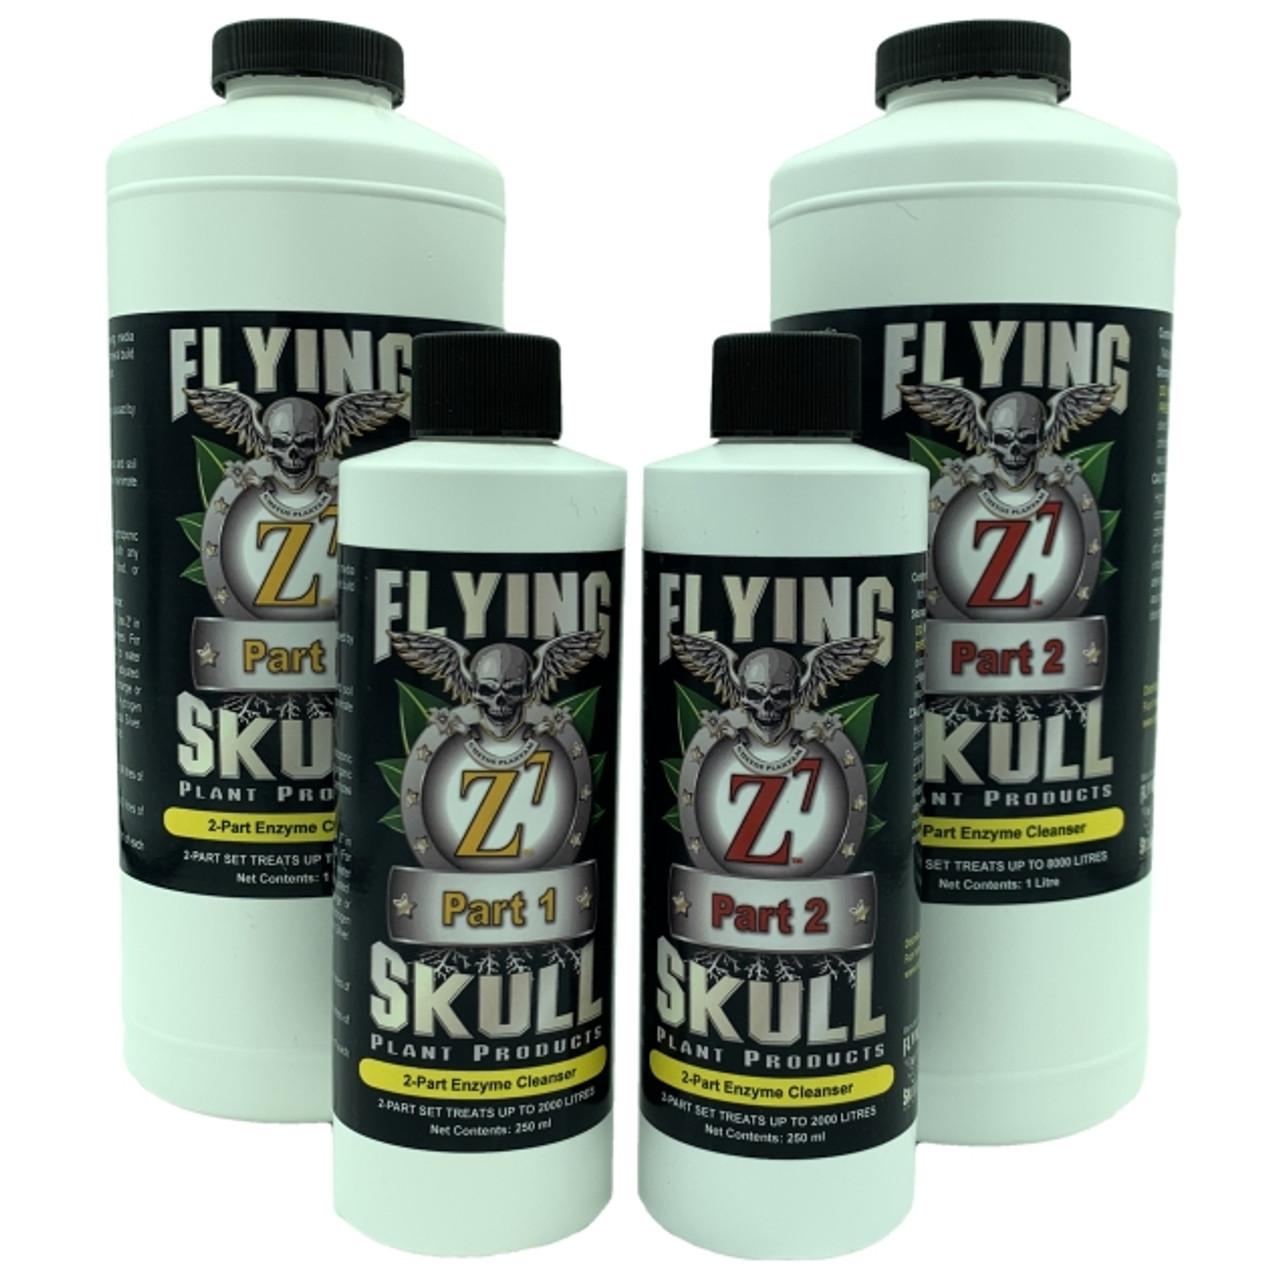 Flying Skull Z7 250ml and 1 litre Bottles